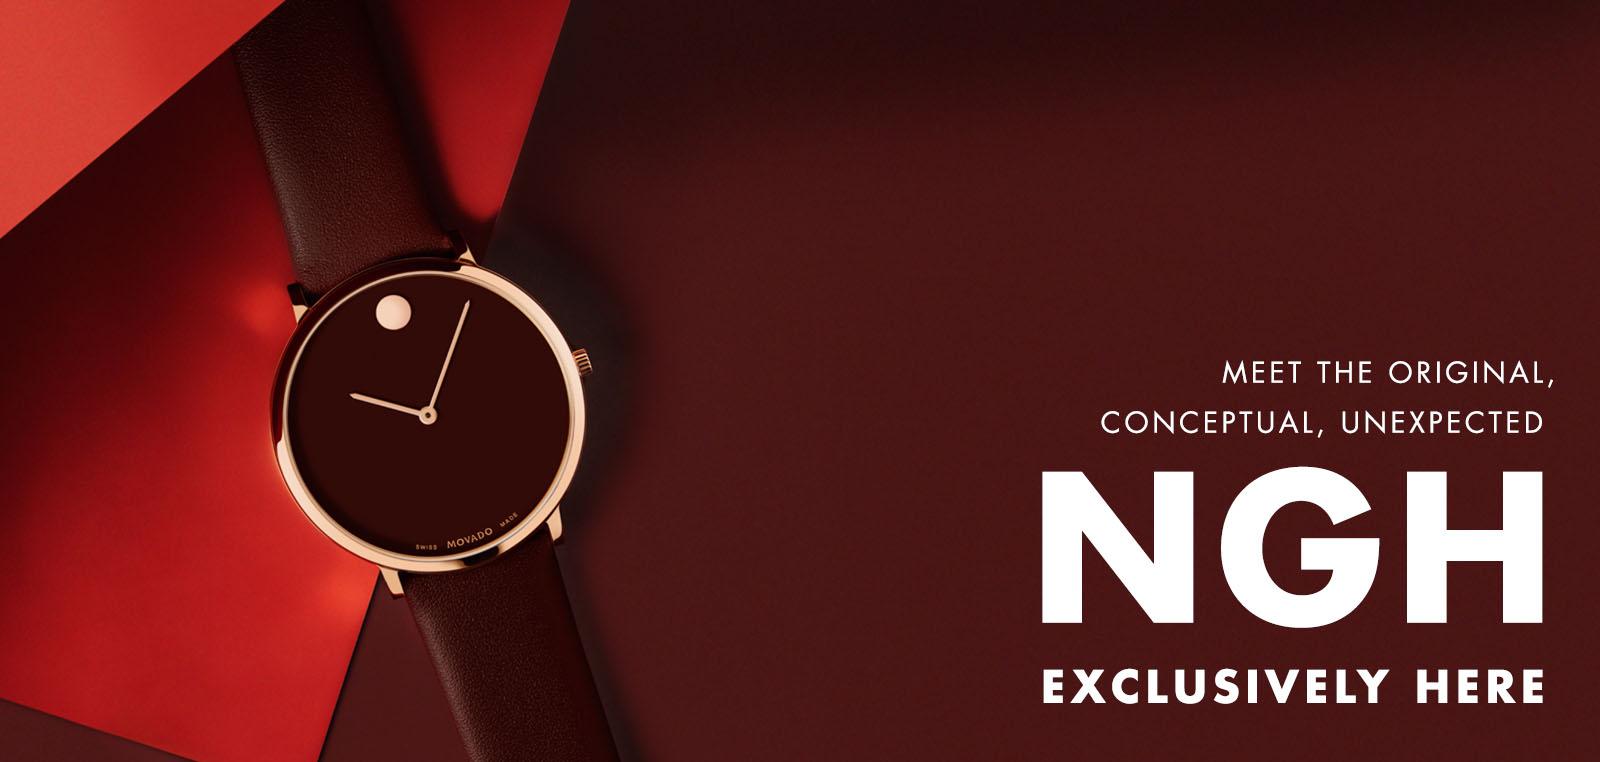 Đồng hồ Movado NGH màu rượu vang